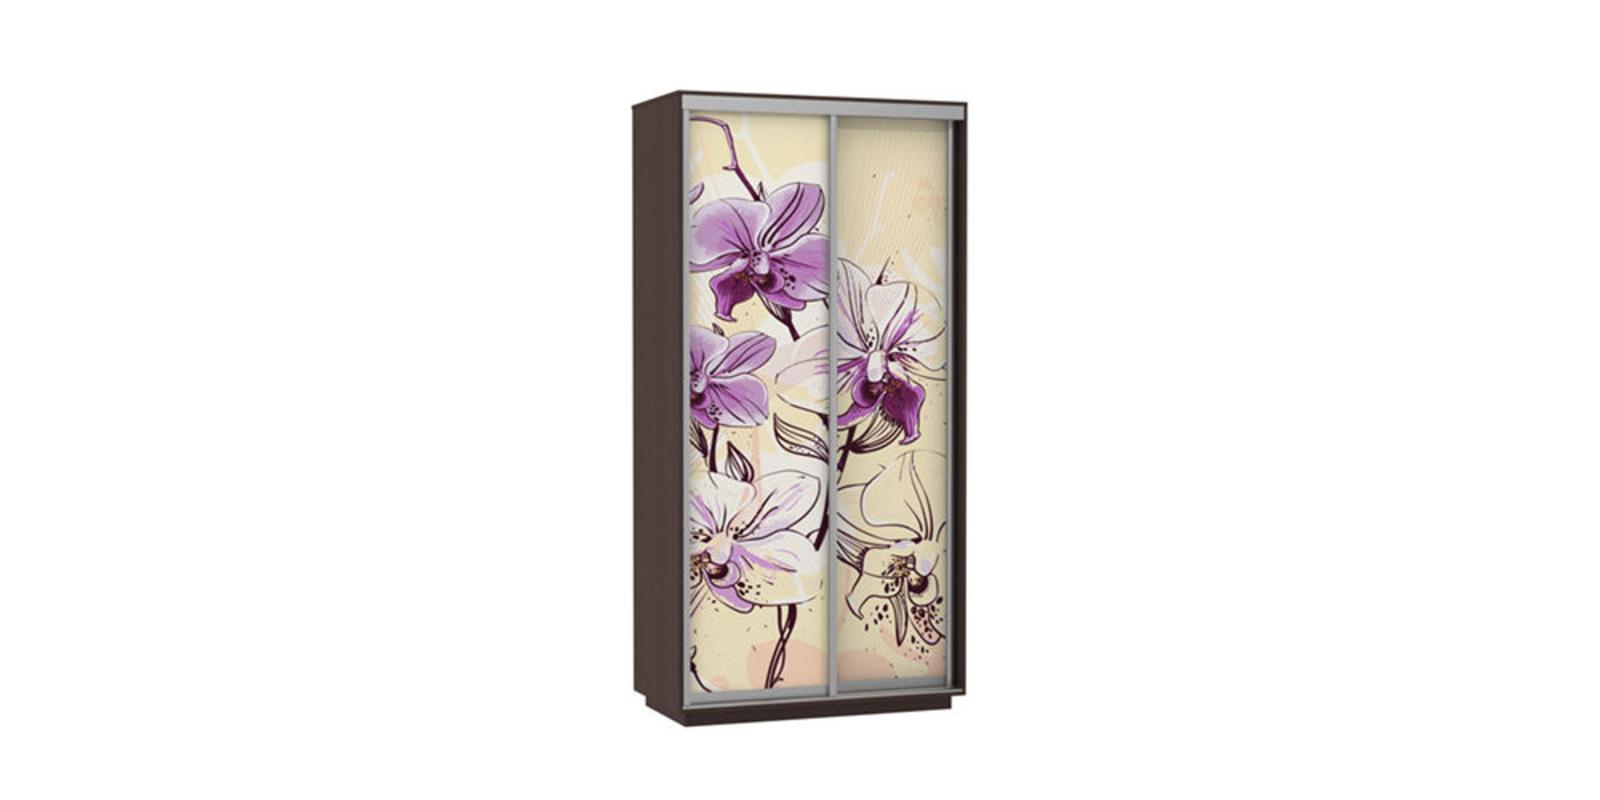 Шкаф-купе двухдверный Байкал 120 см (венге/орхидея)